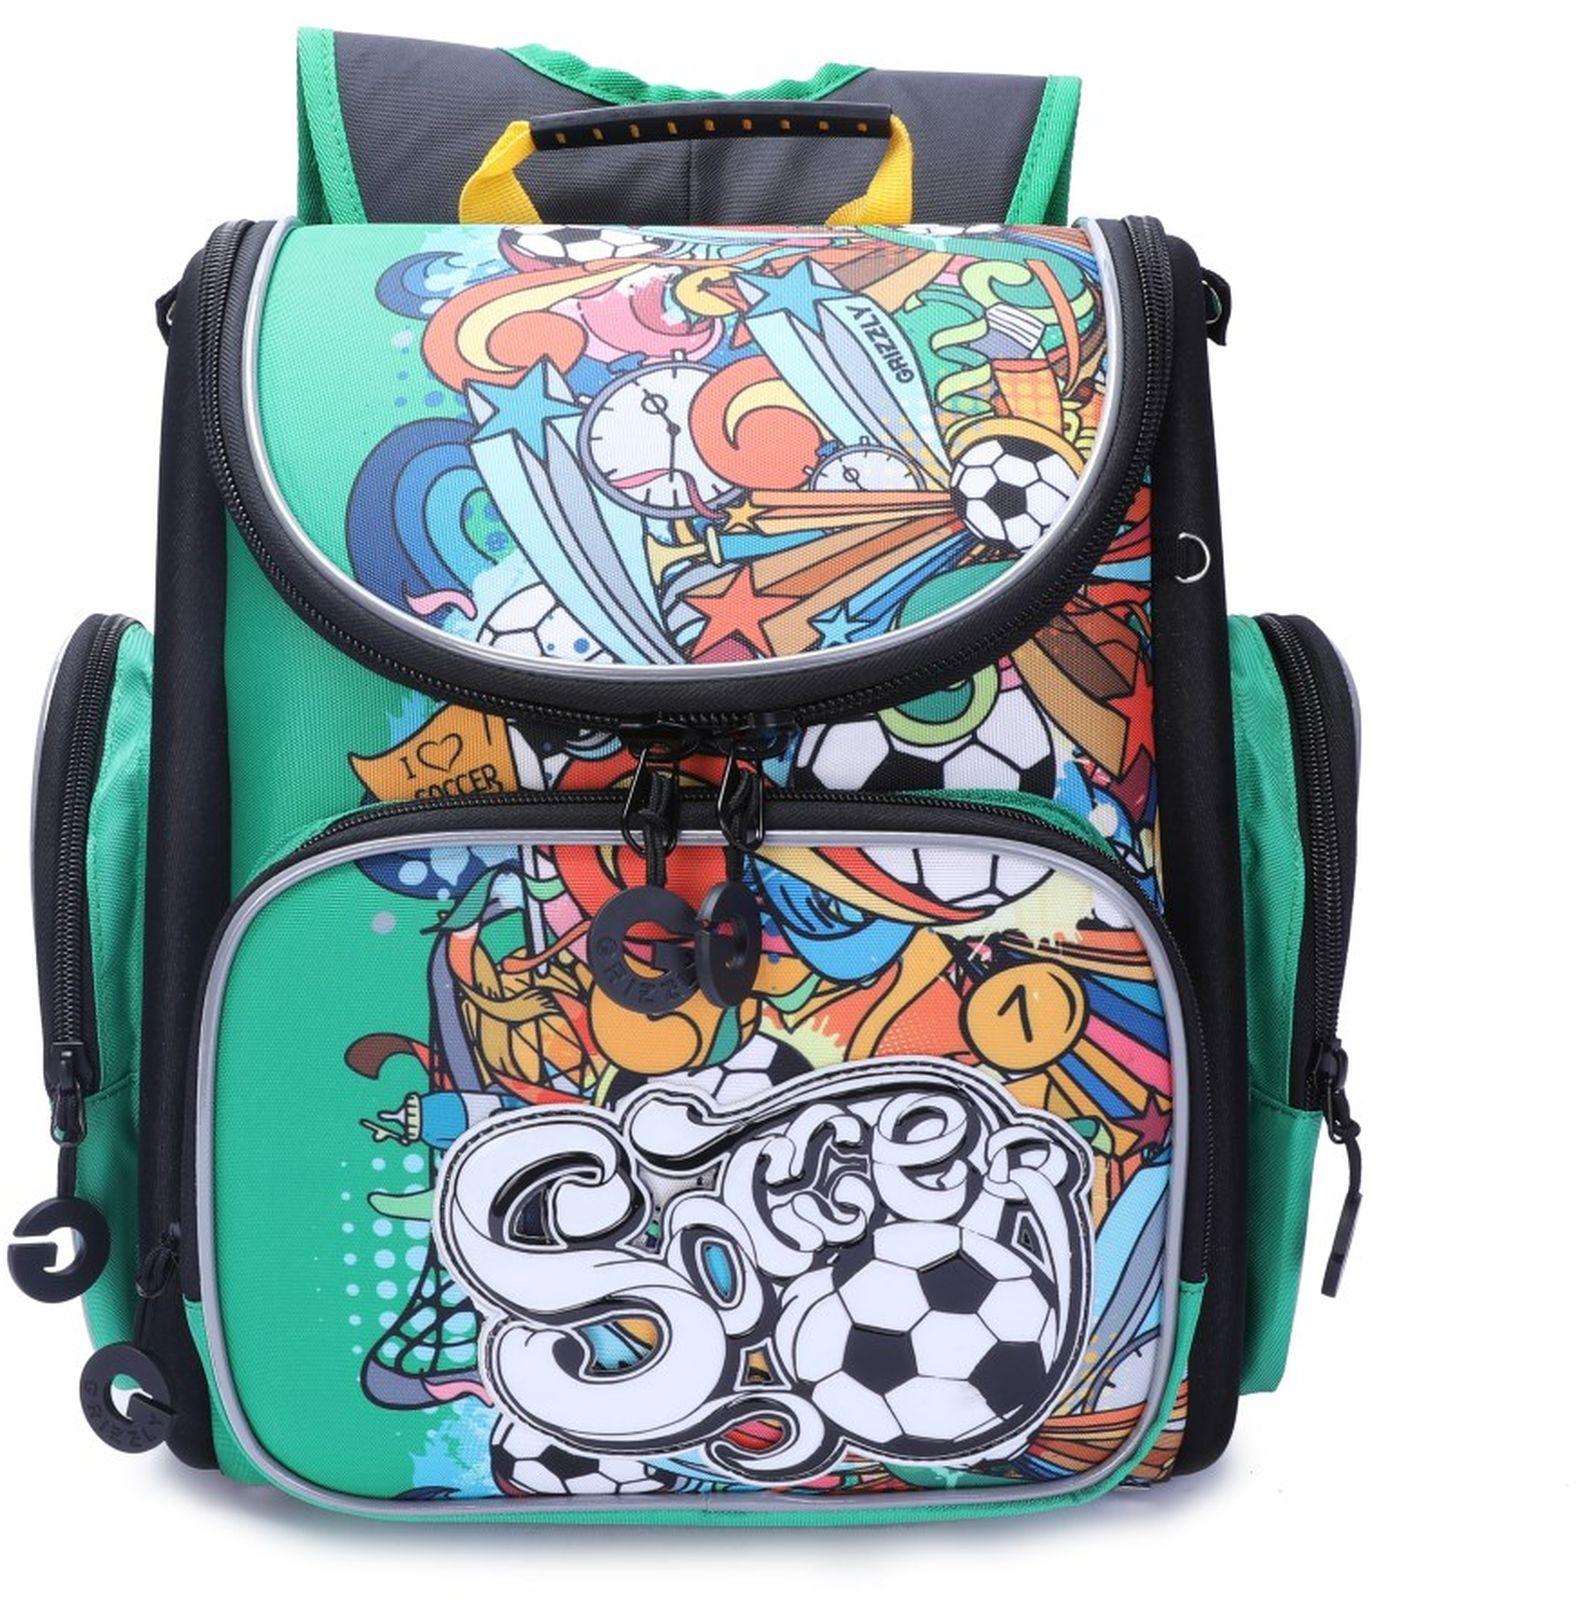 Рюкзак школьный Grizzly, RA-970-6/2, зеленый, черный